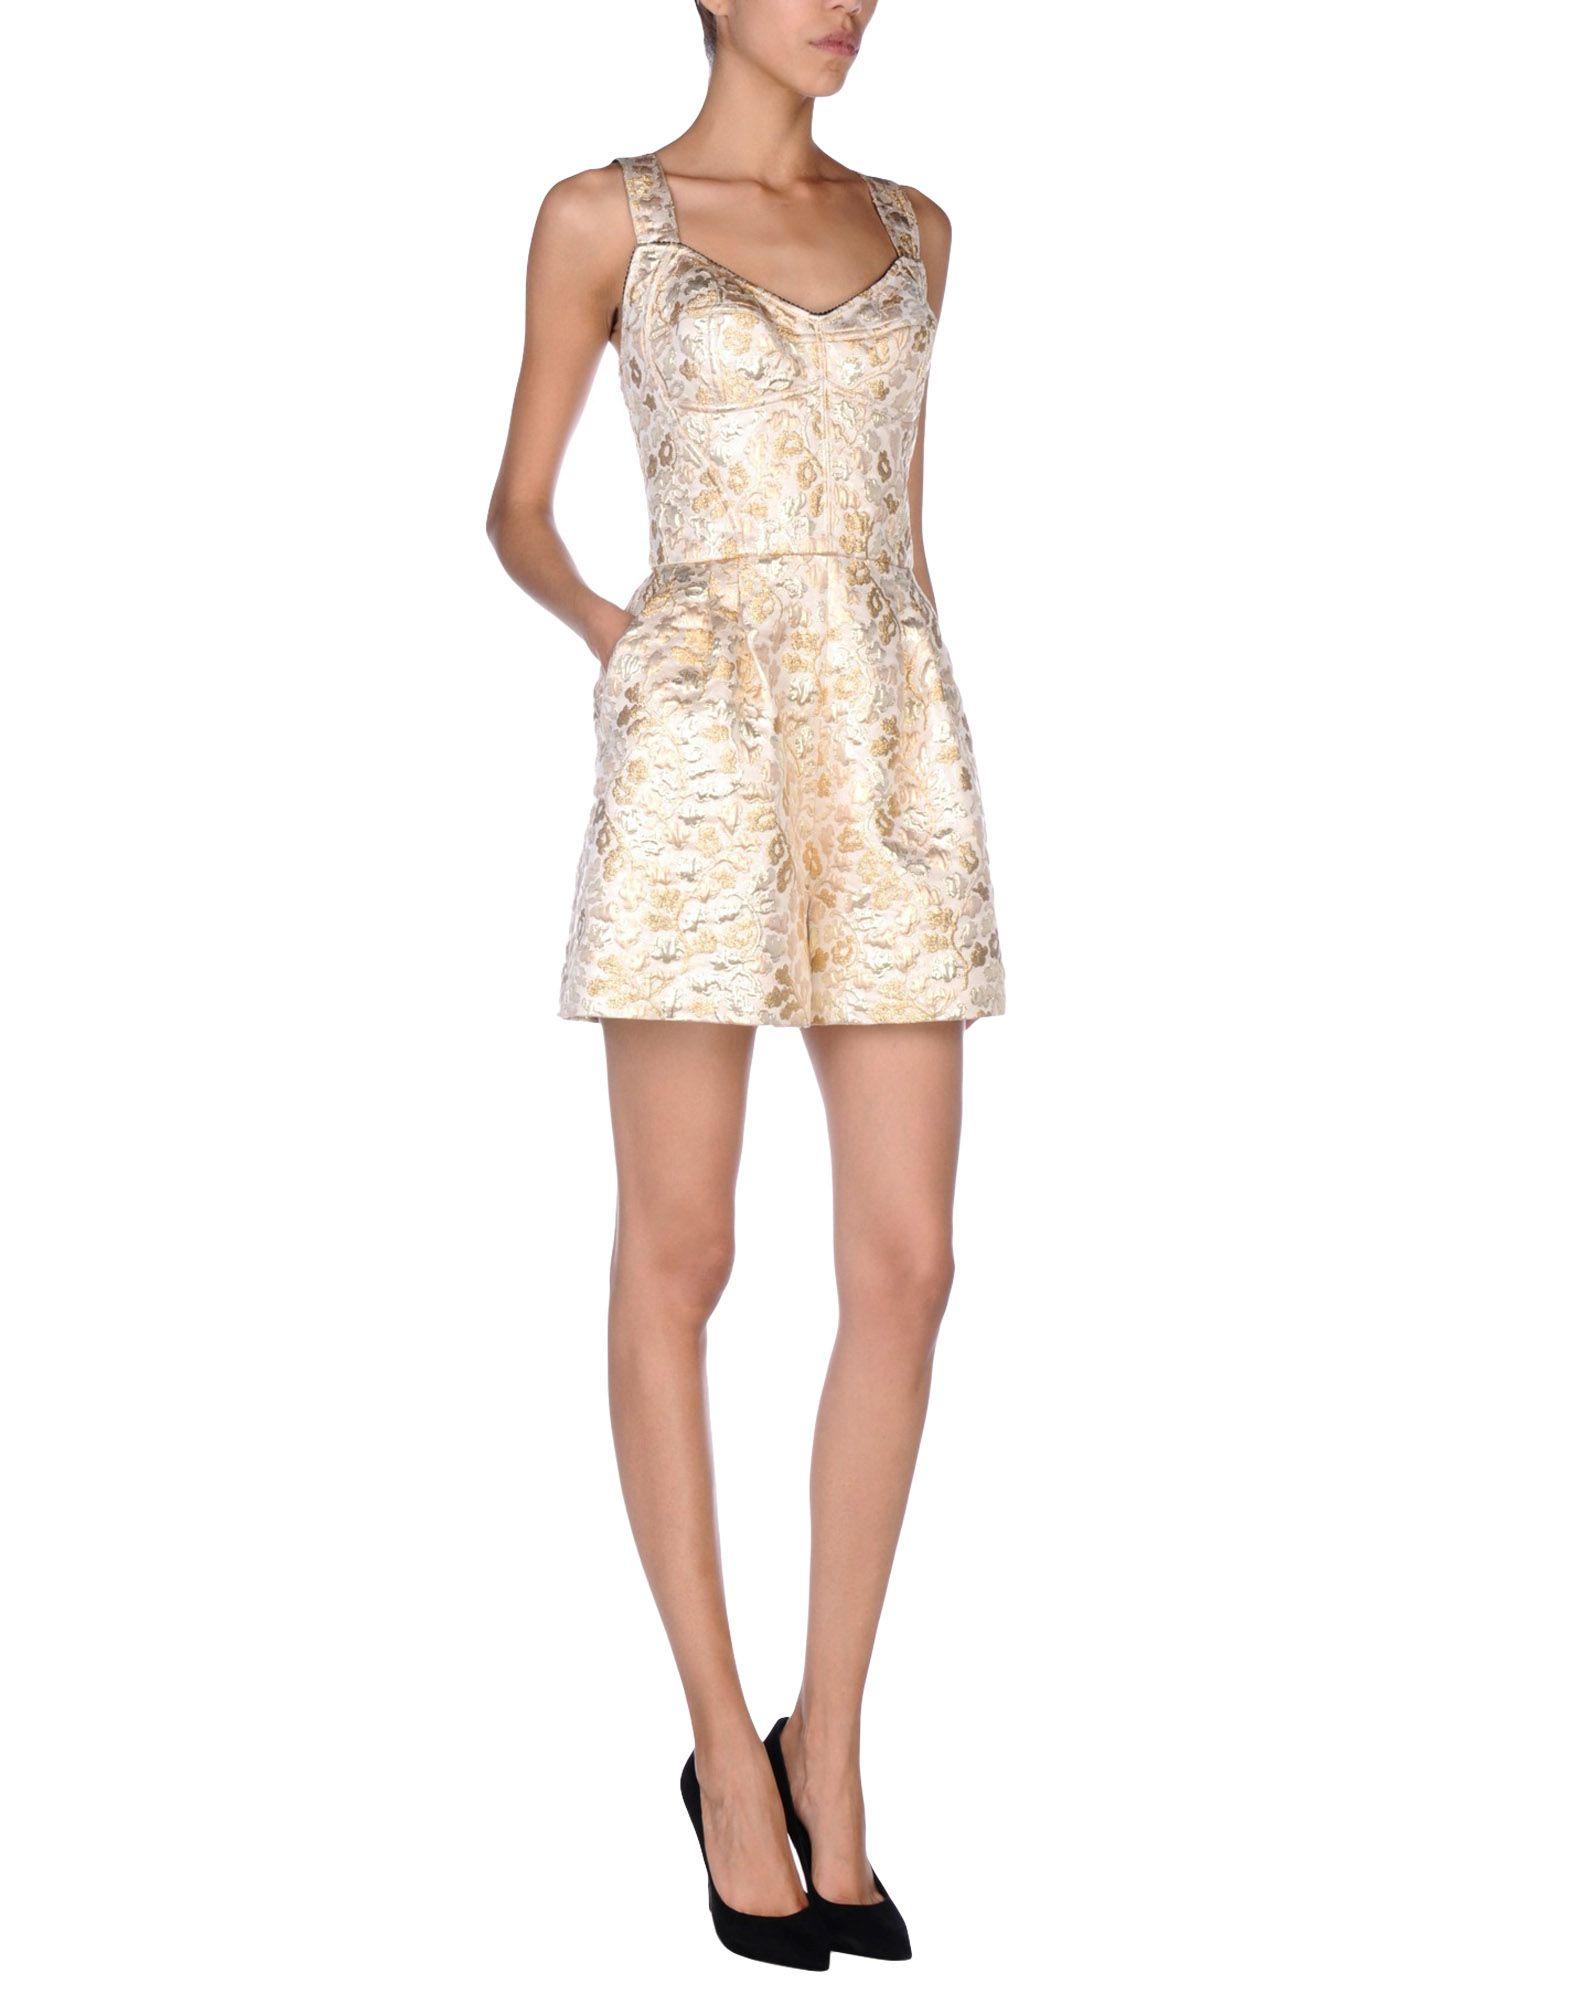 Tuta/One Piece Dolce & Gabbana Donna - Acquista online su CbGNjlSeq